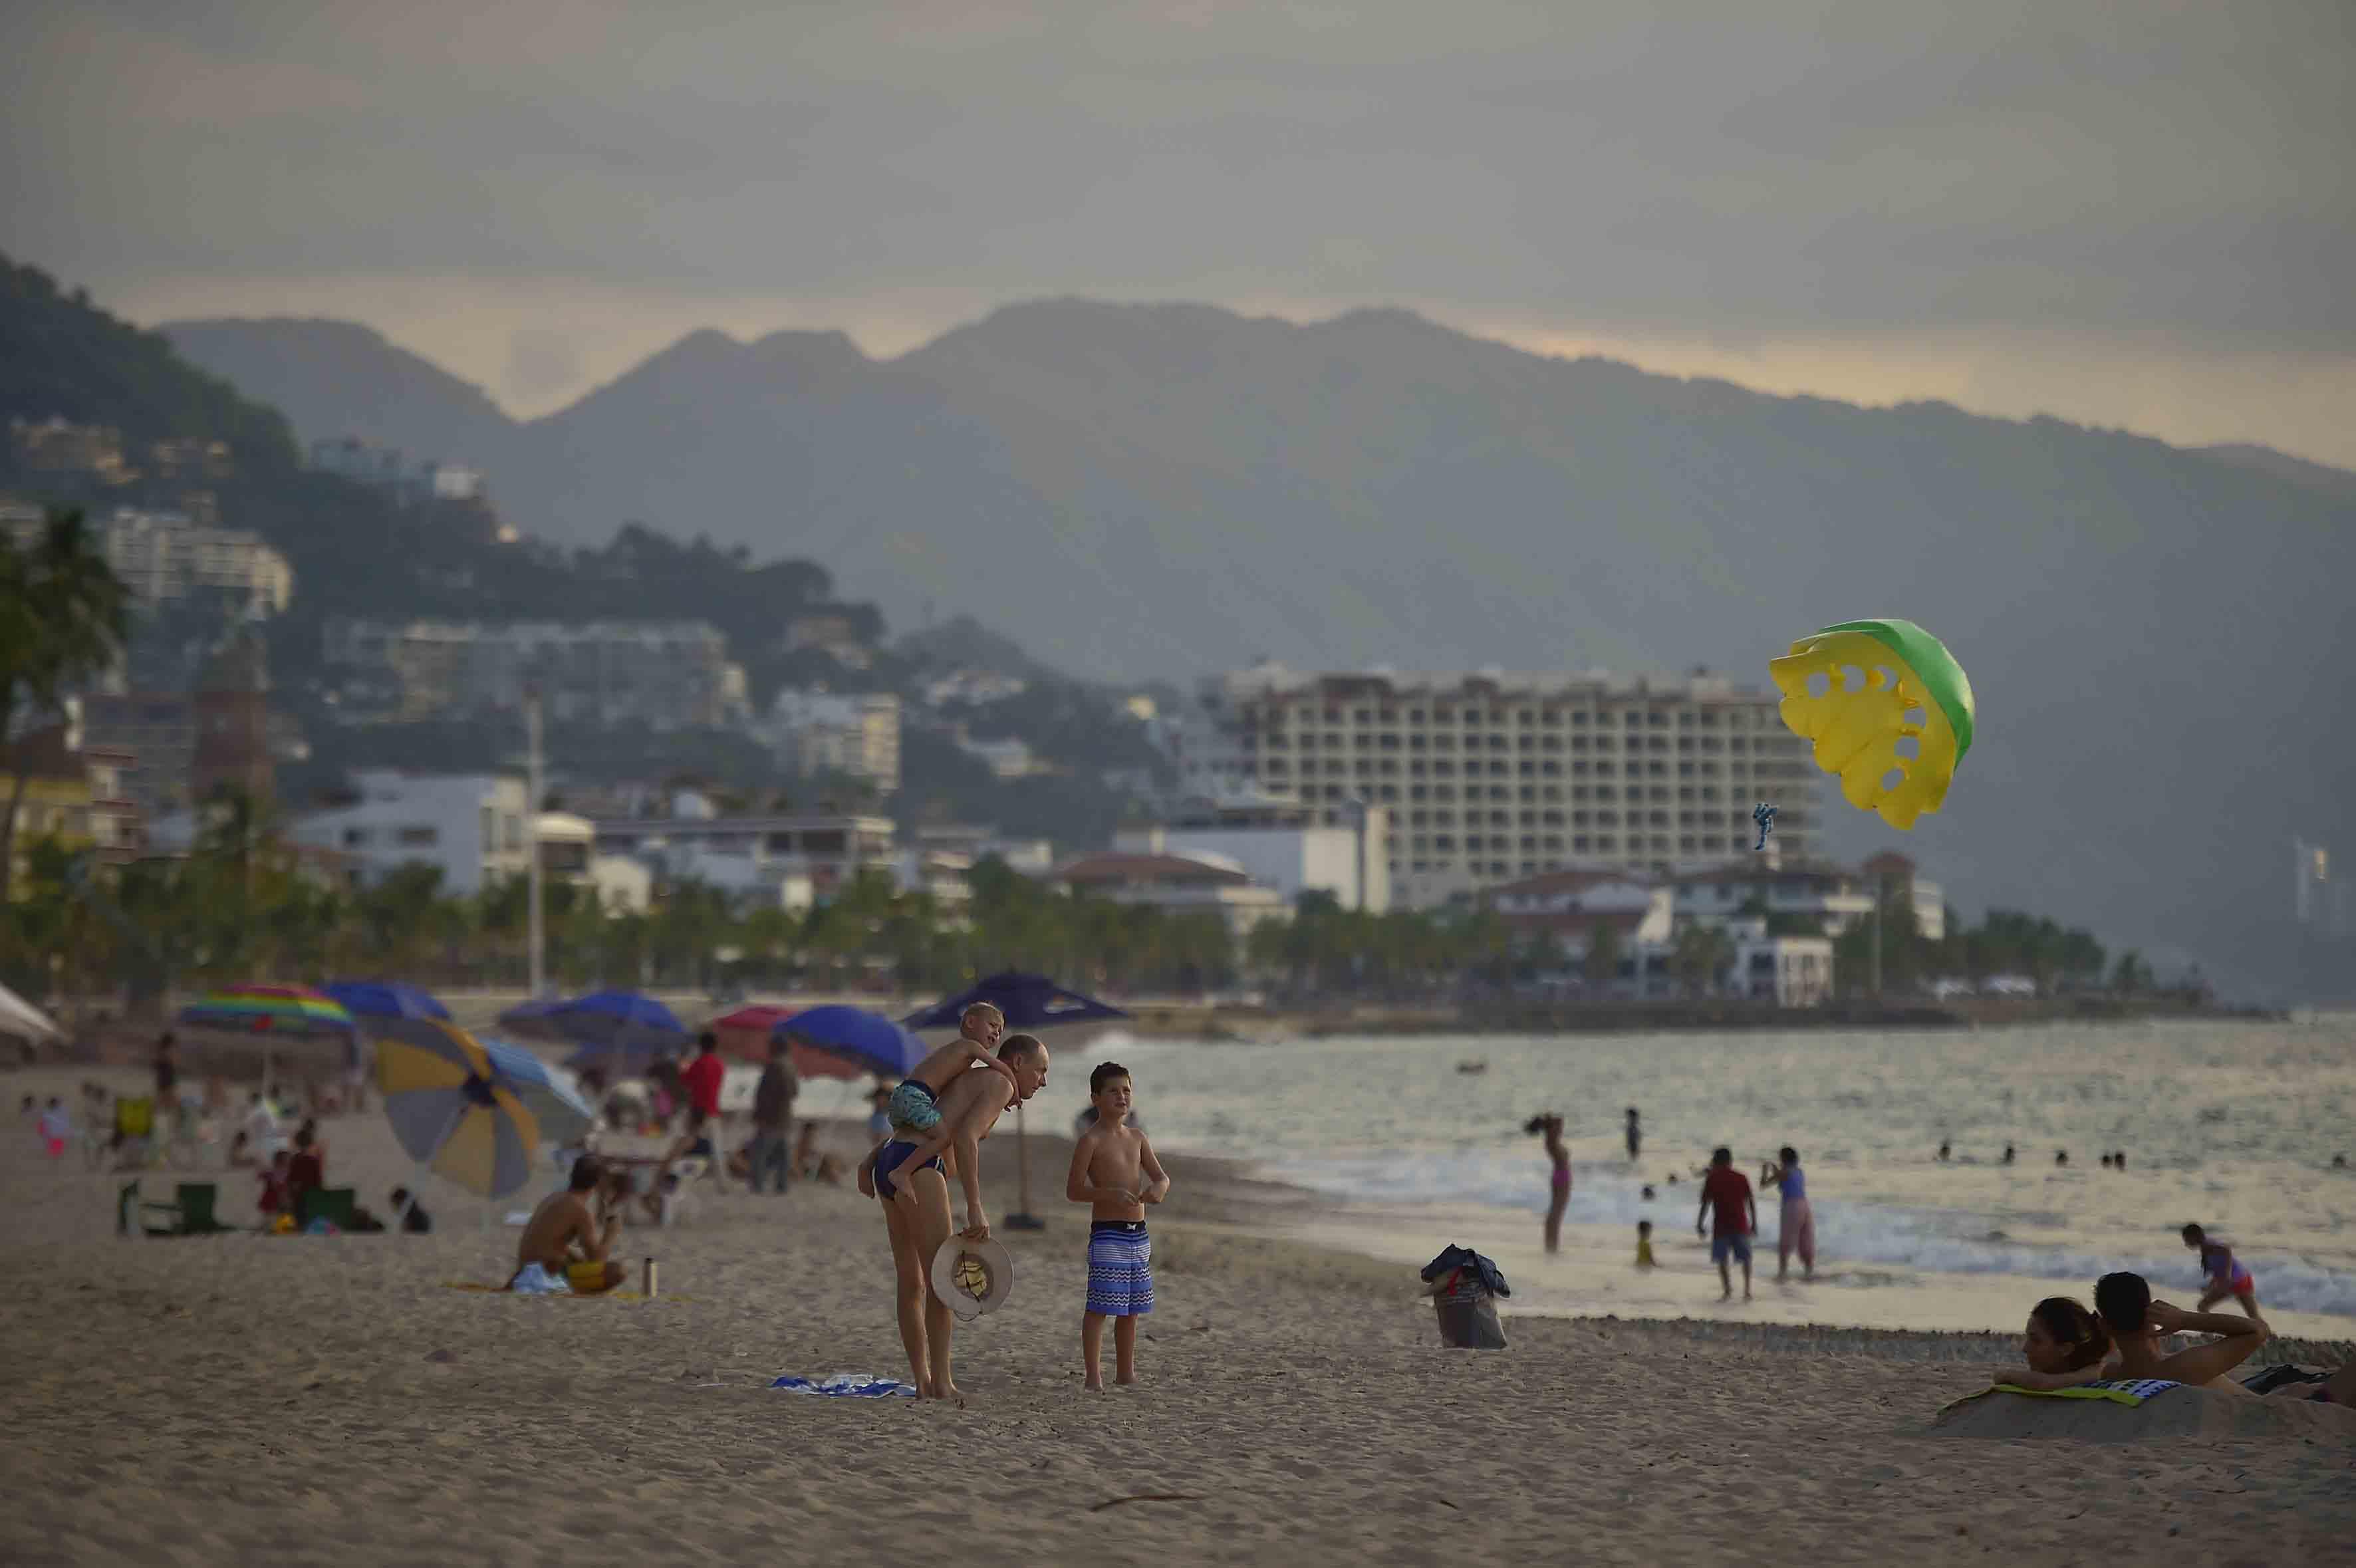 Vista panorámica de una de las playas de Puerto Vallarta.